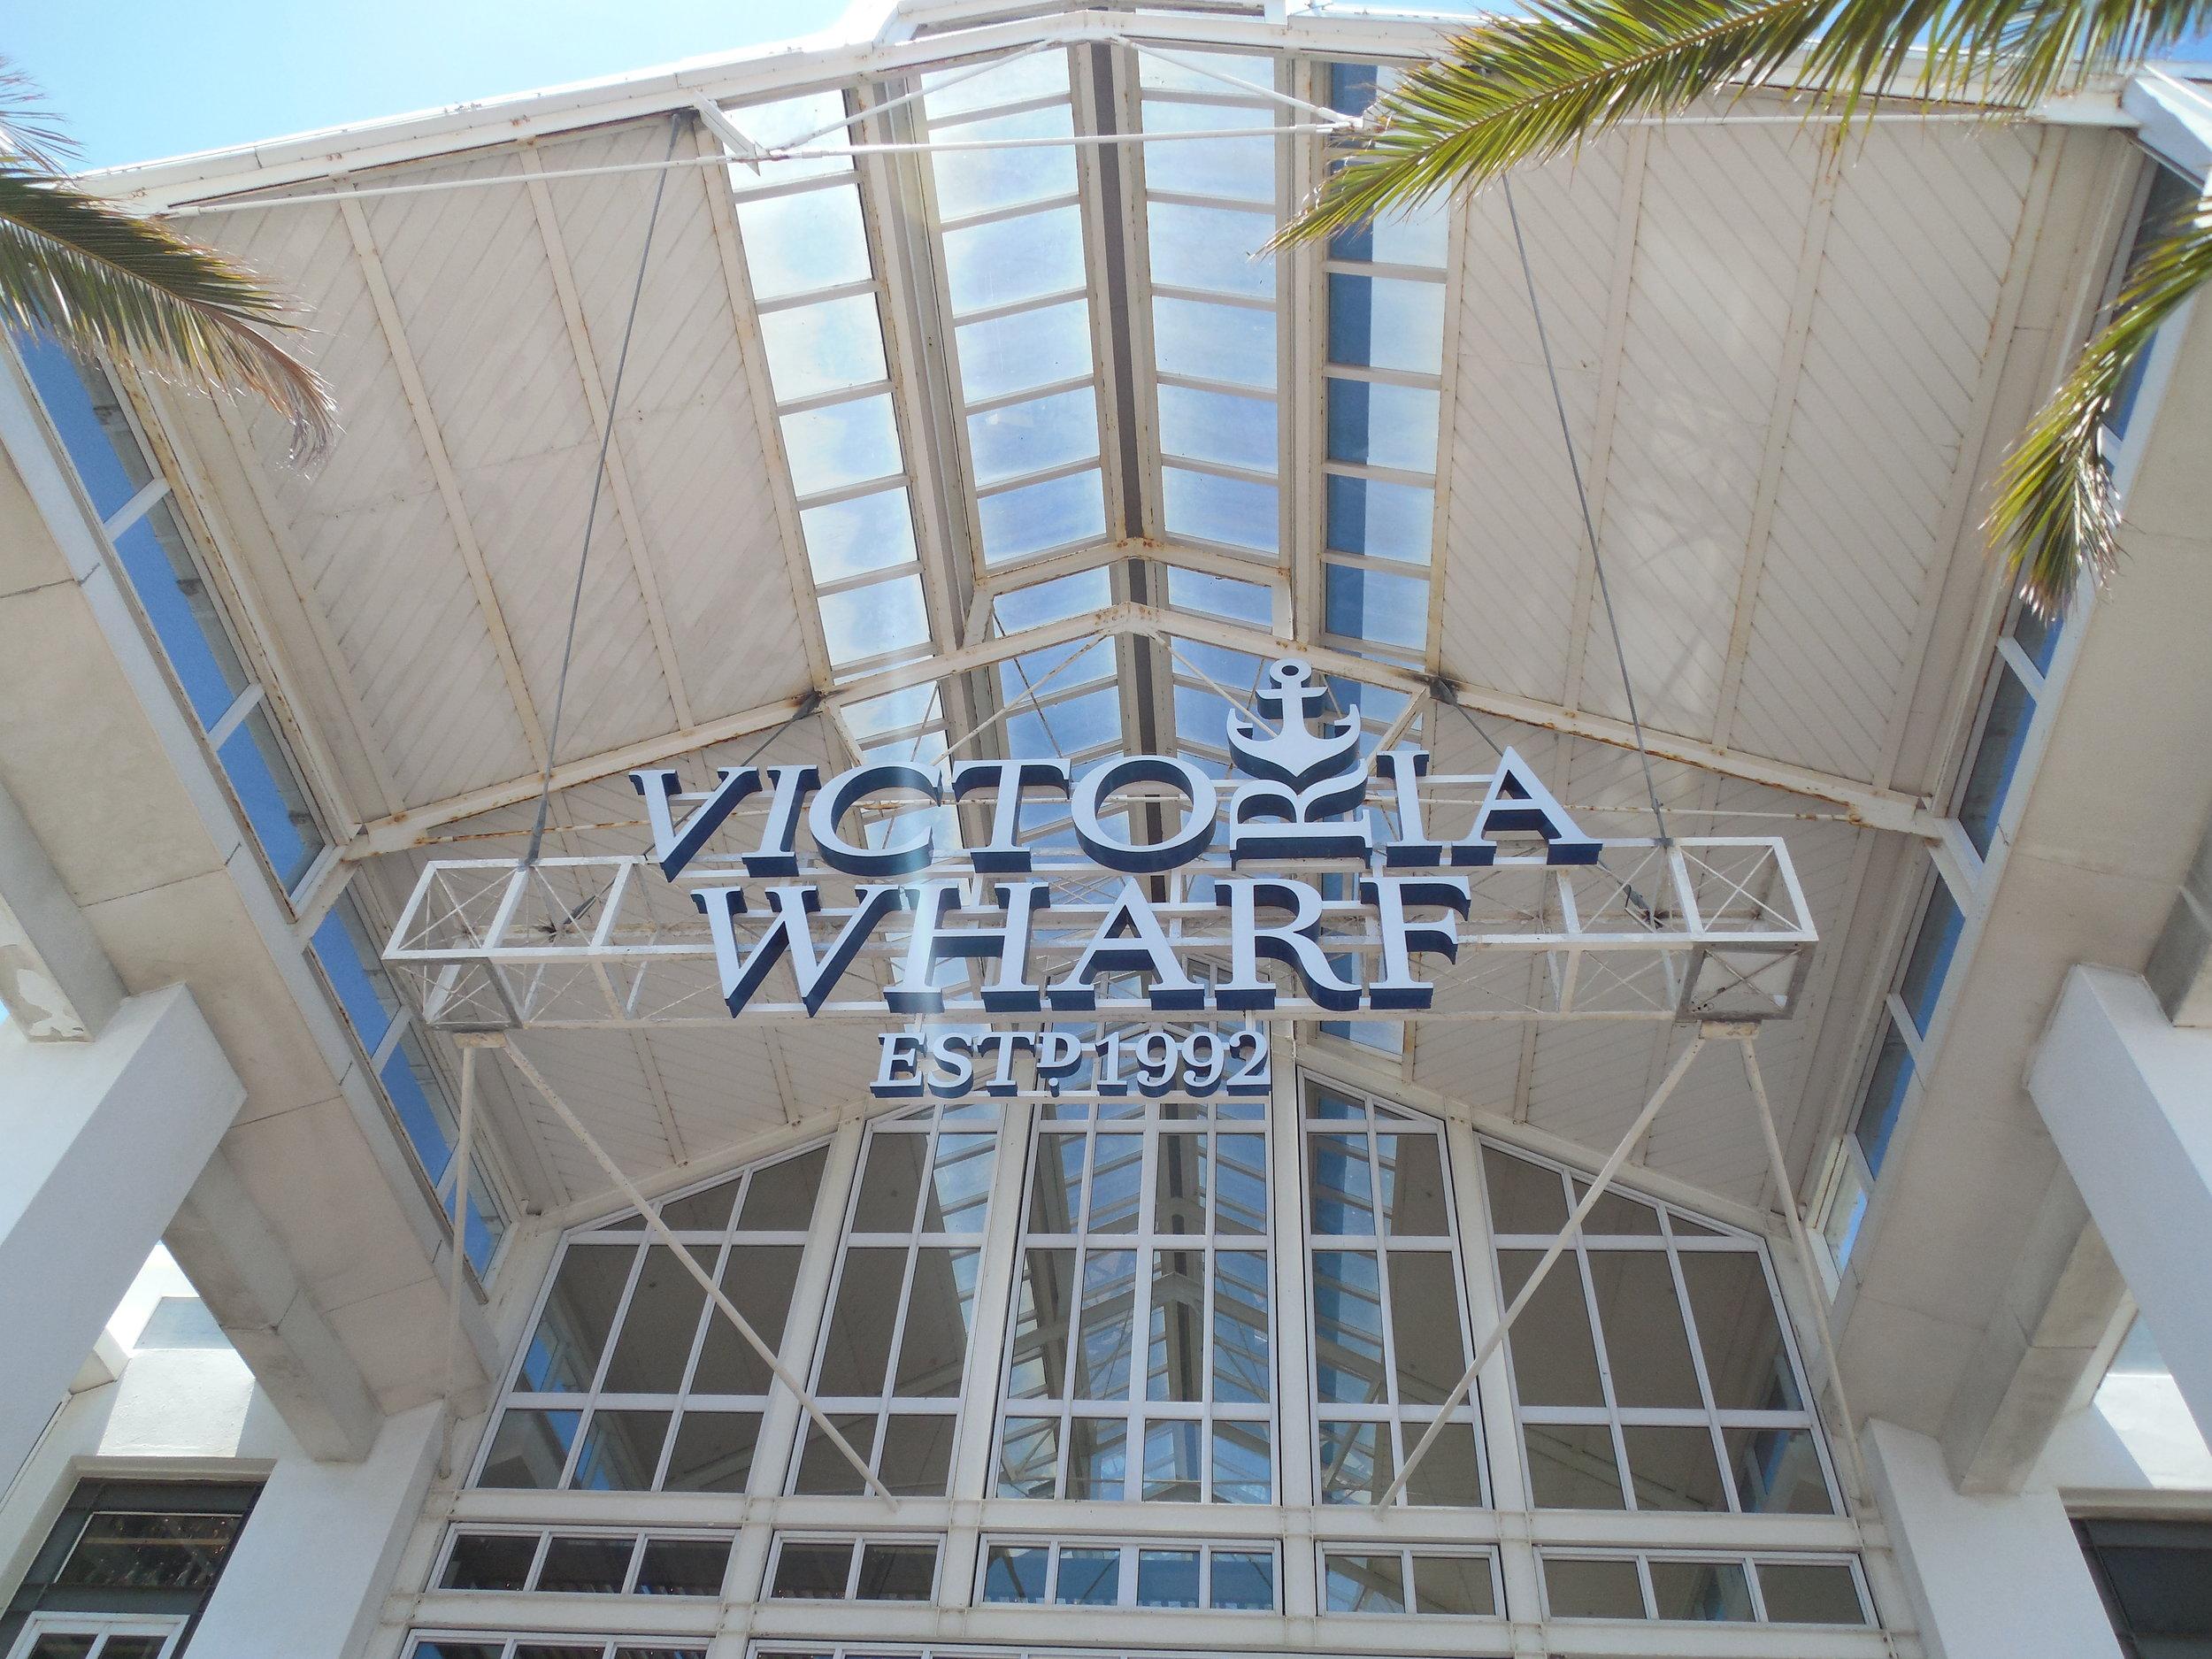 Victoria Wharf ©Flyga Twiga LLC